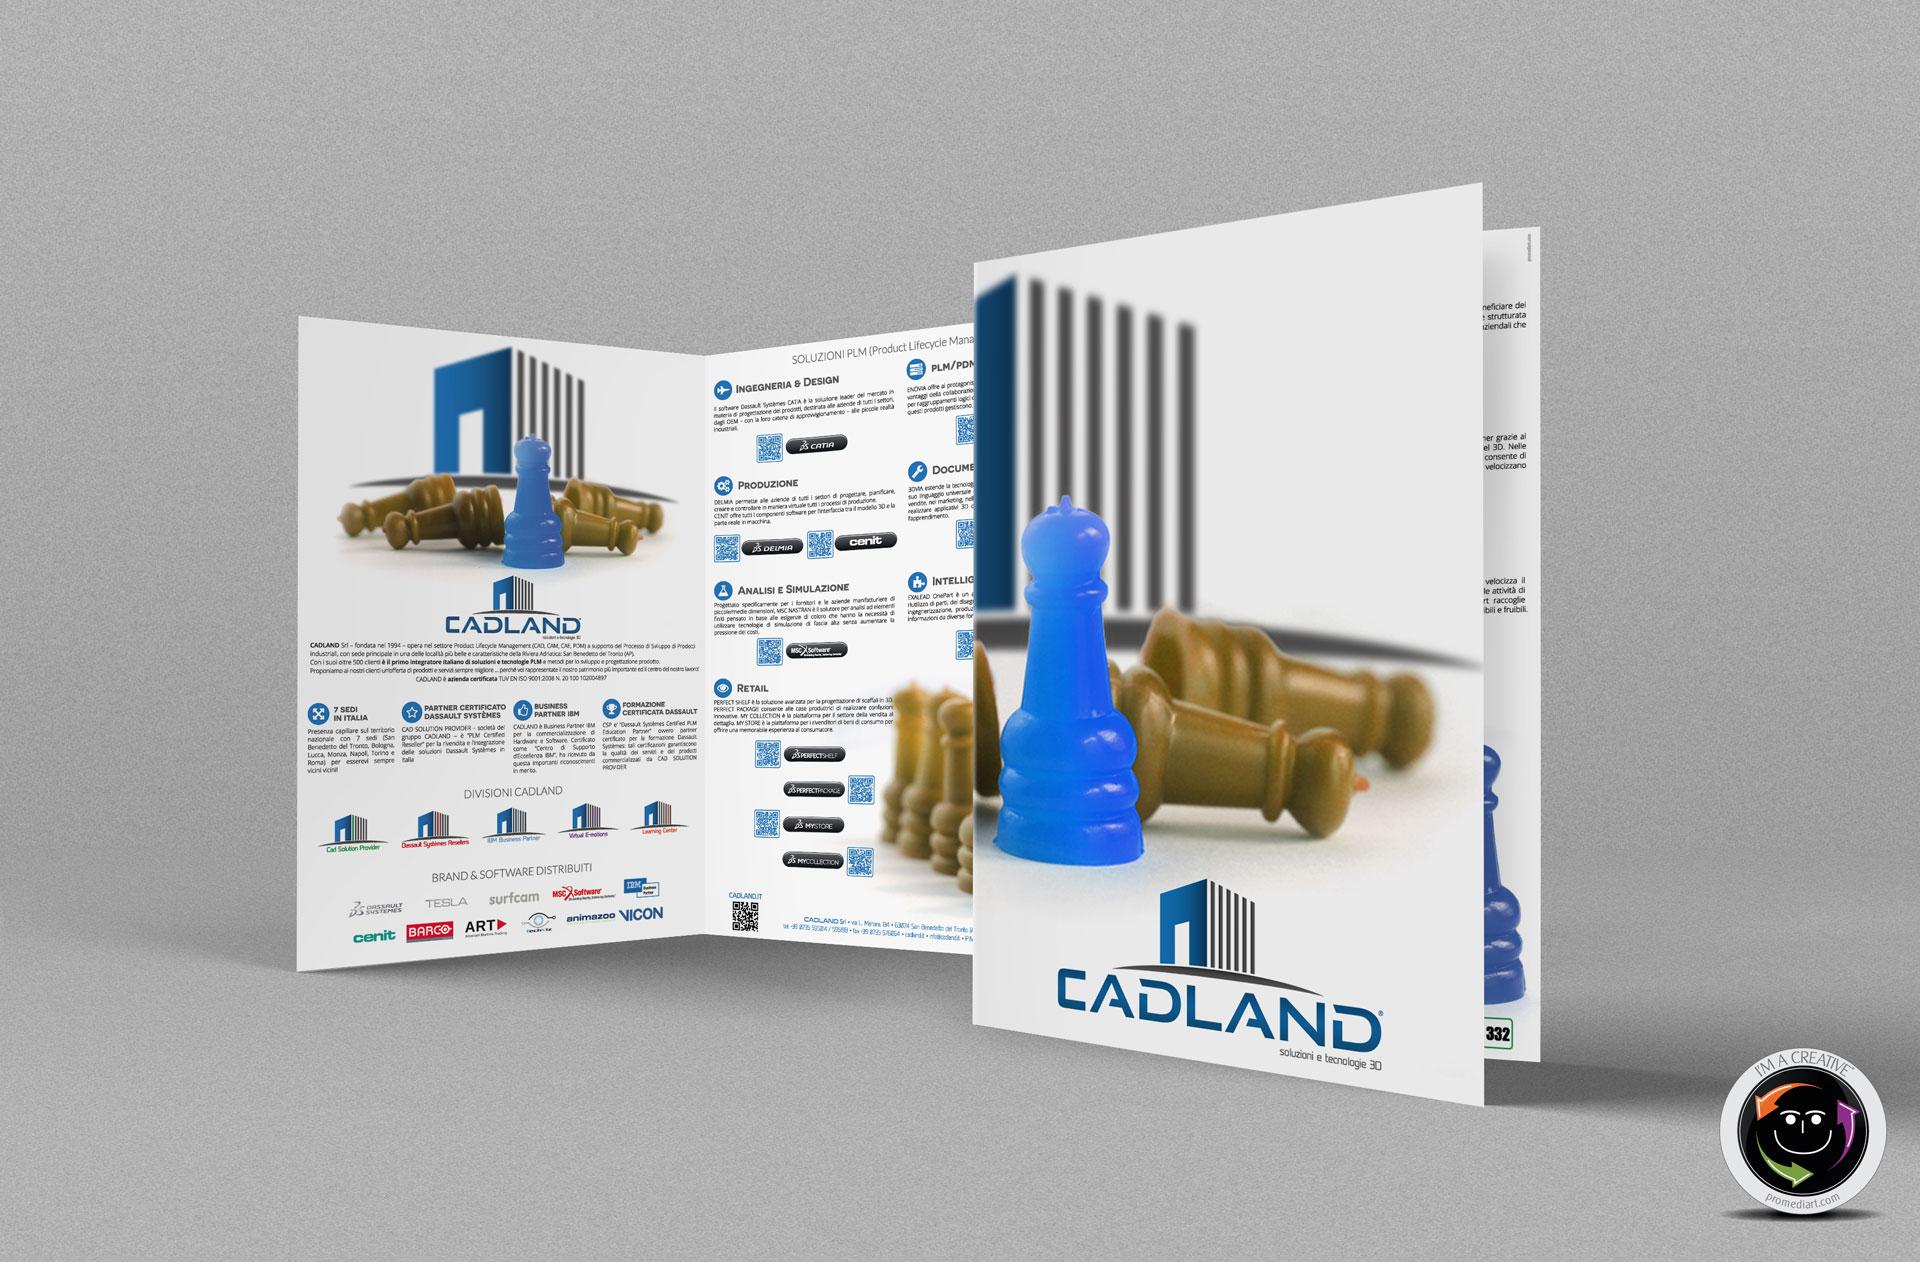 CADLAND_Brochure_CompanyProfile